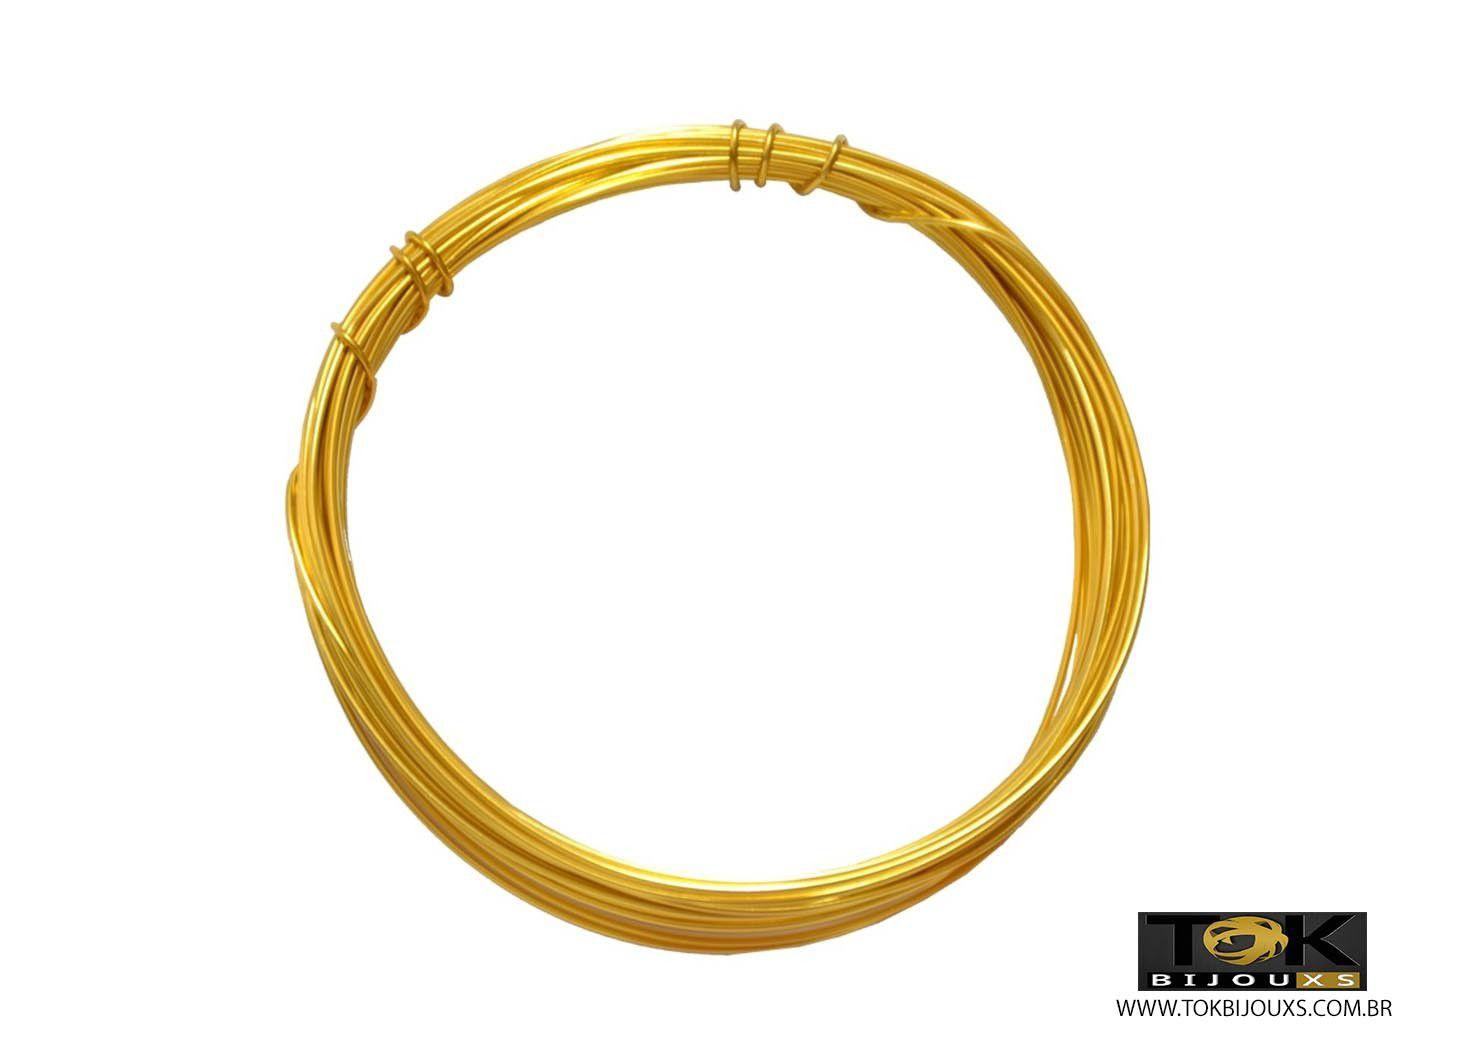 Arame Aluminio Dourado 1,5mm - 1 kg